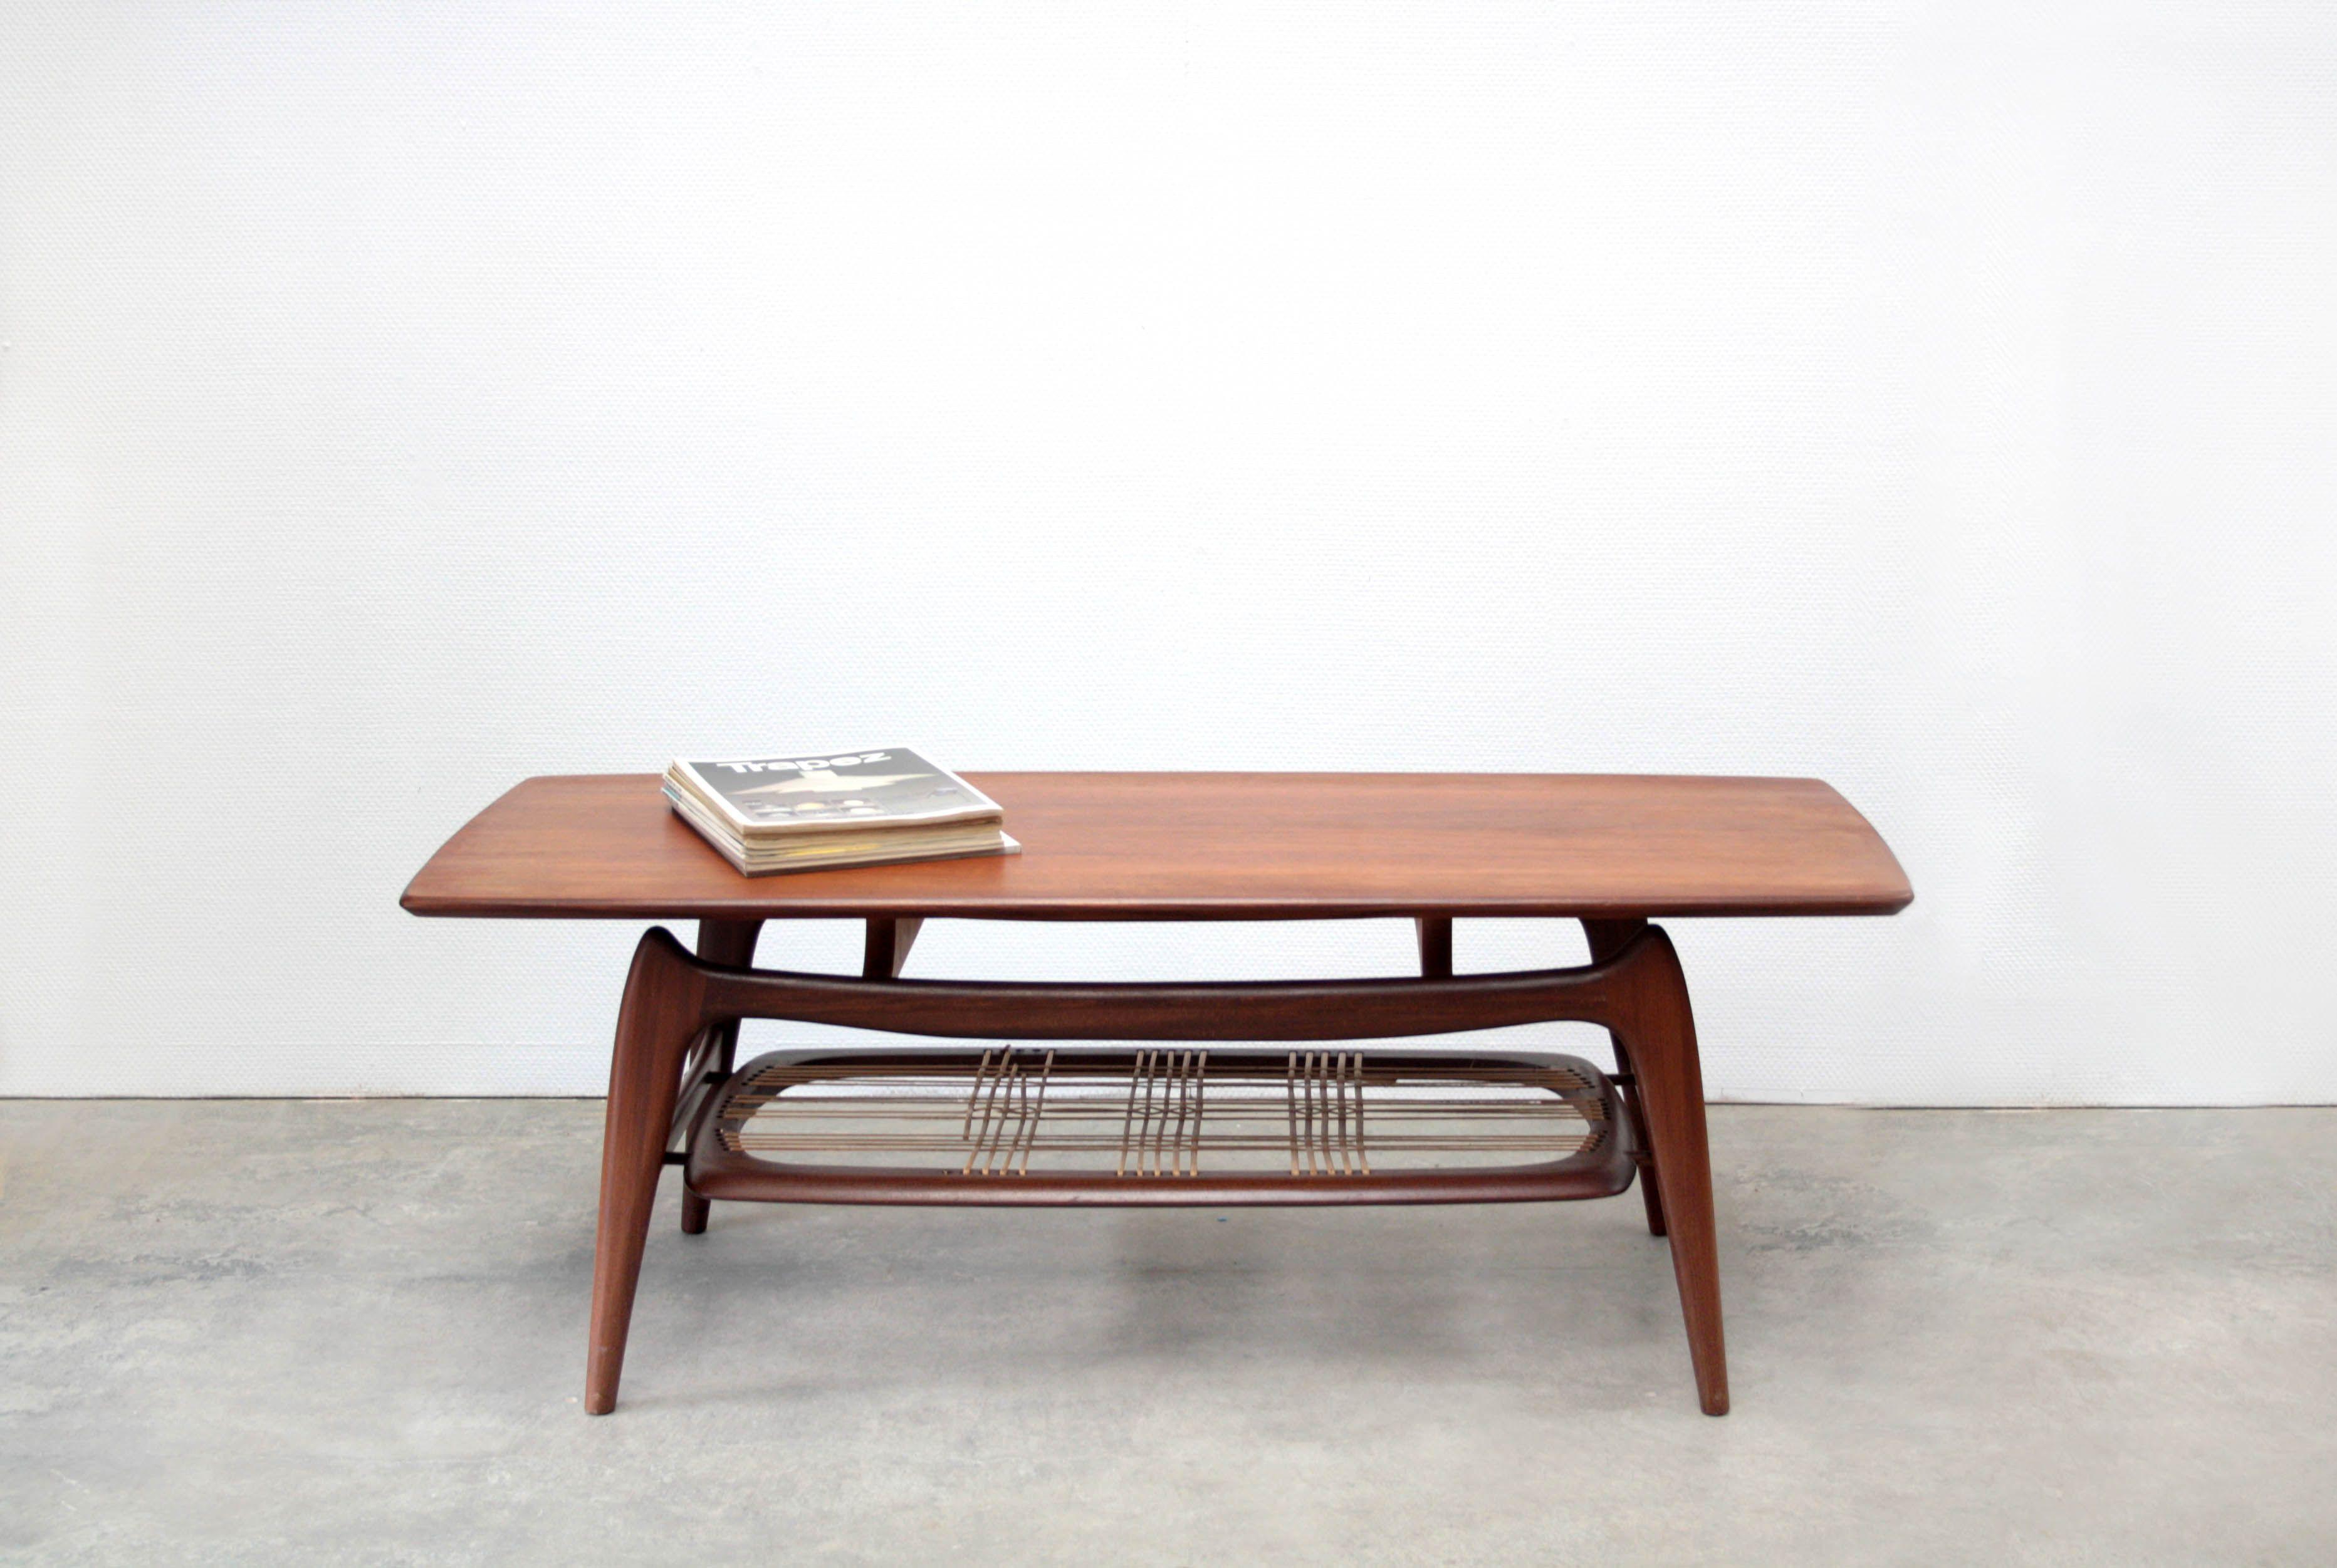 Bezoek Het Bericht Voor Meer Mid Century Modern Furniture Furniture Design Modern Coffee Table Vintage [ 2502 x 3729 Pixel ]